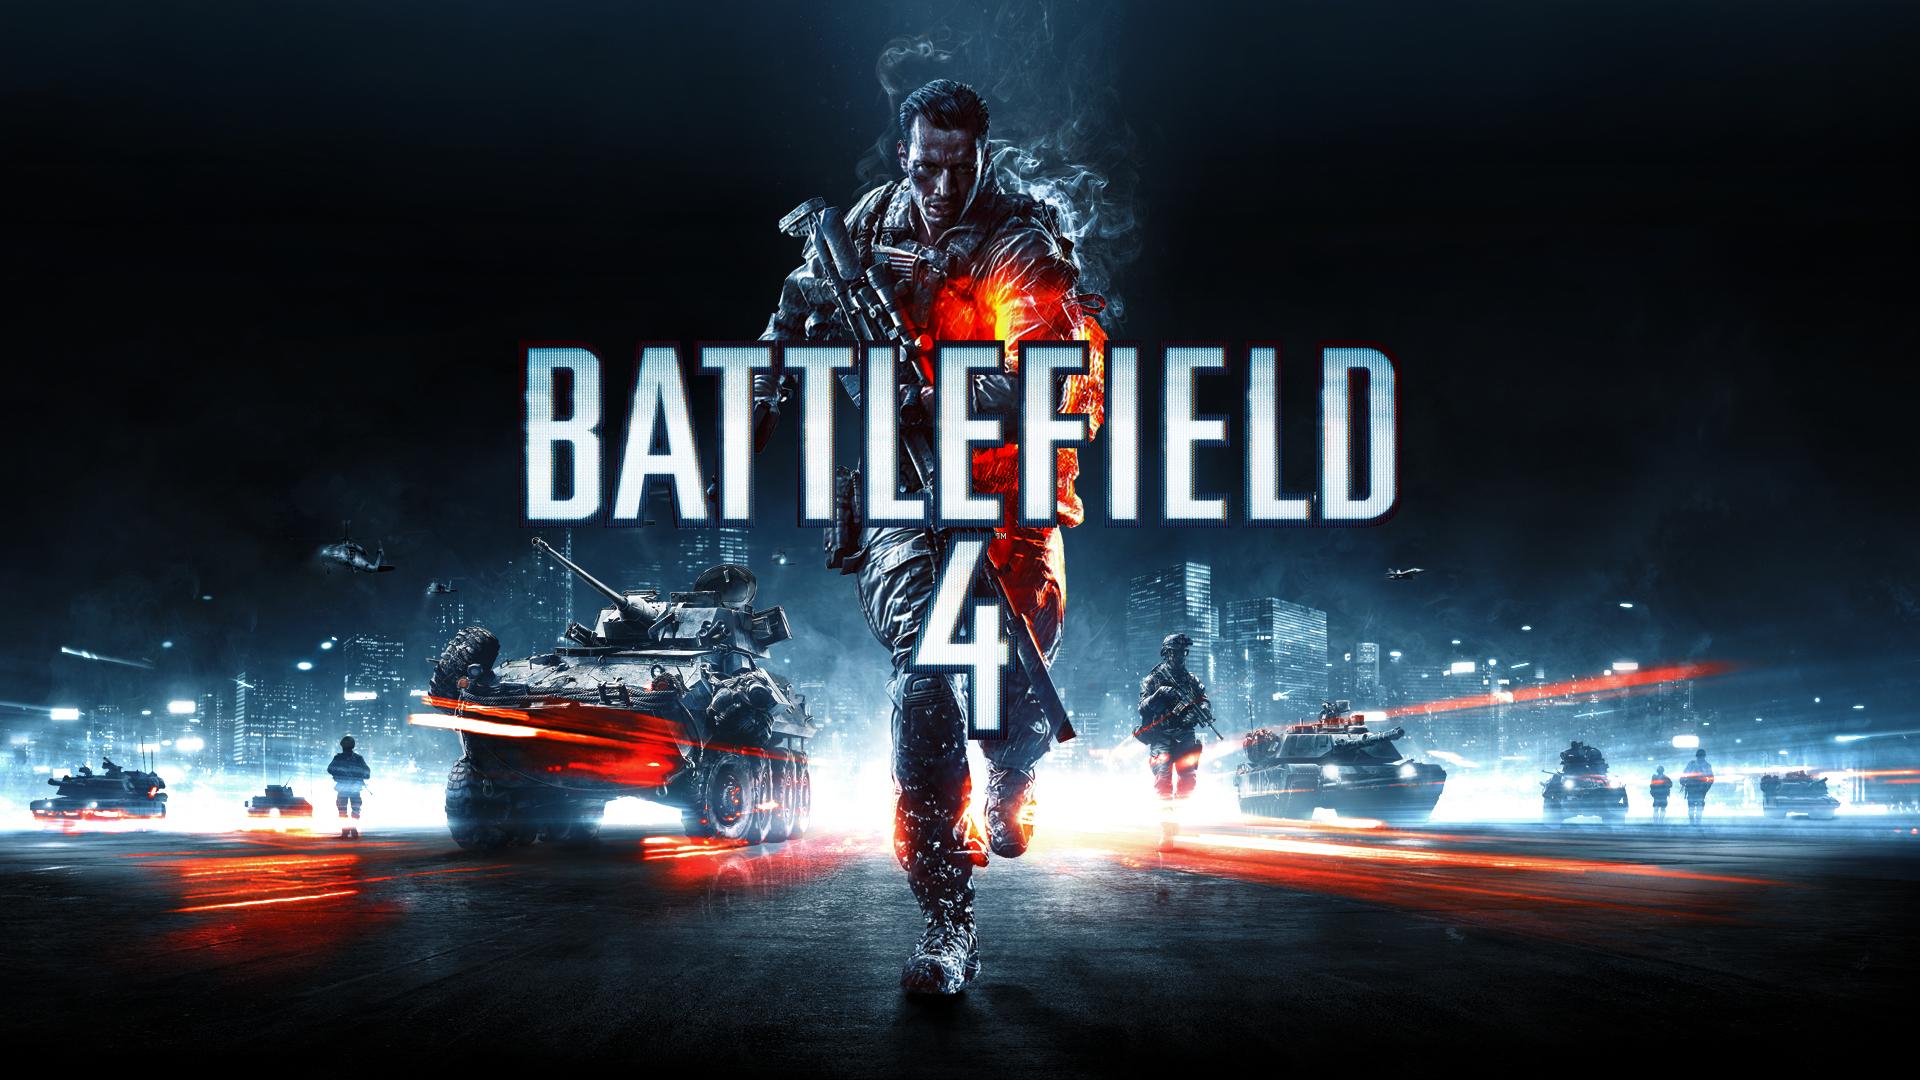 kritik zu battlefield 4